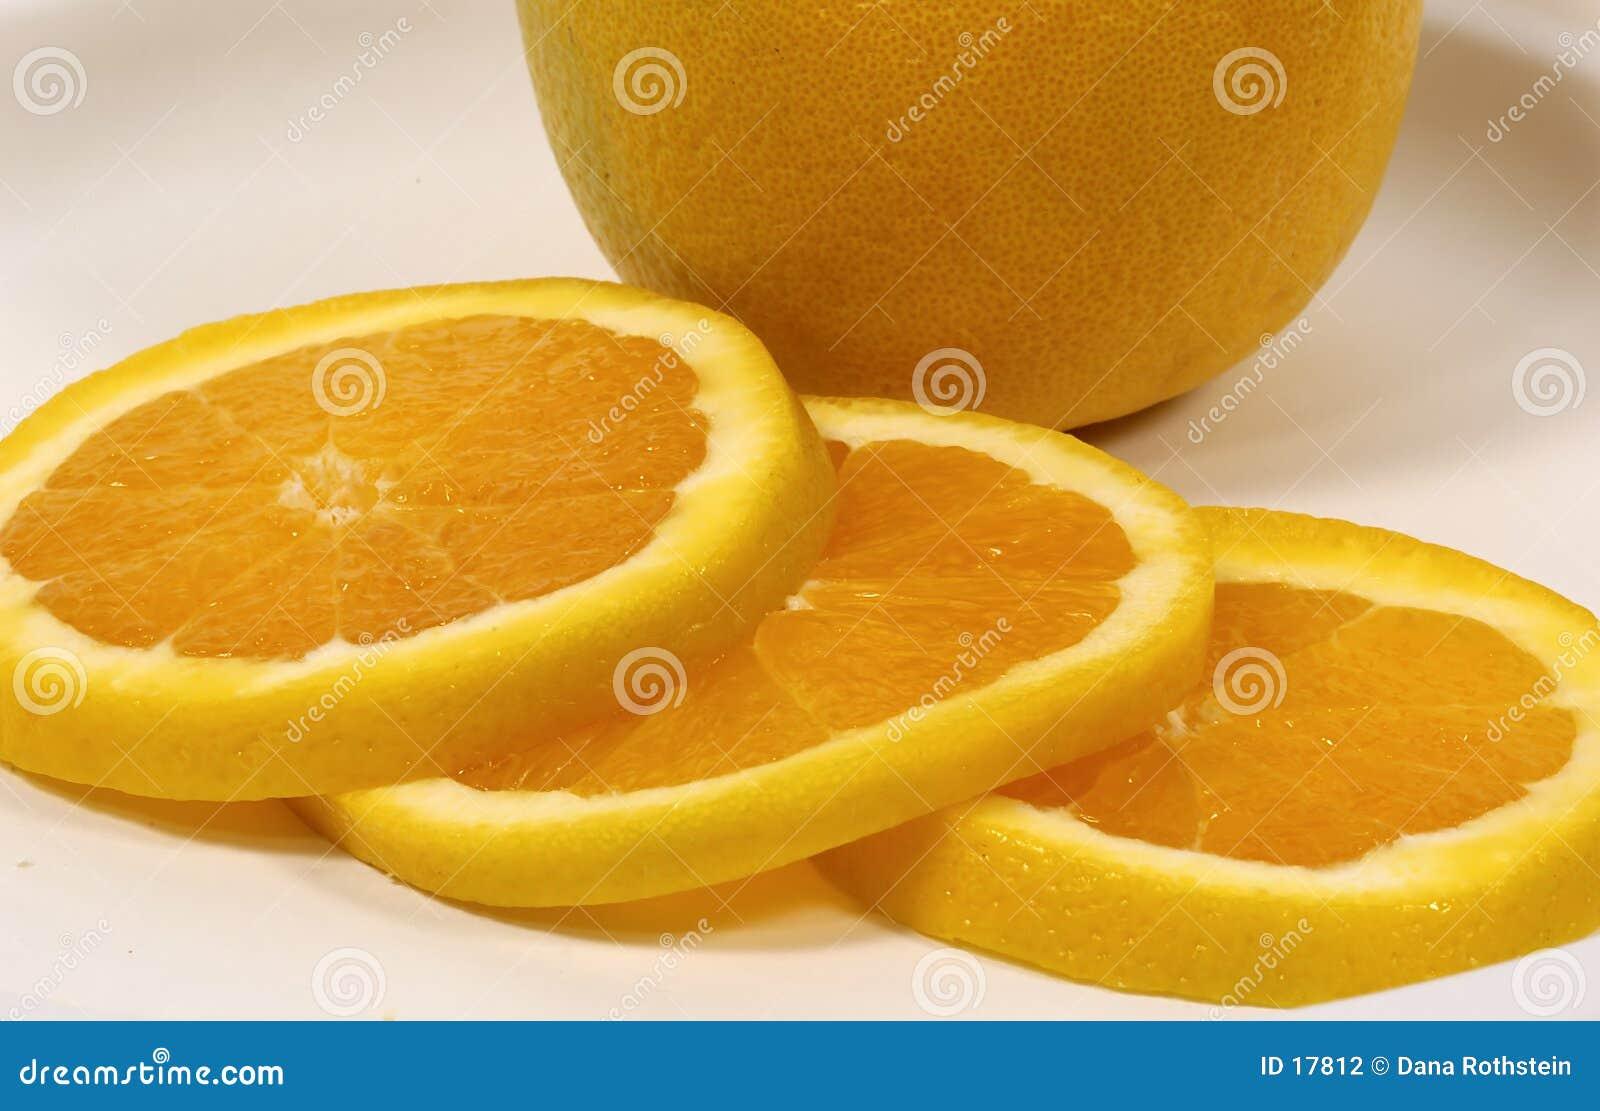 Pokroić pomarańcze